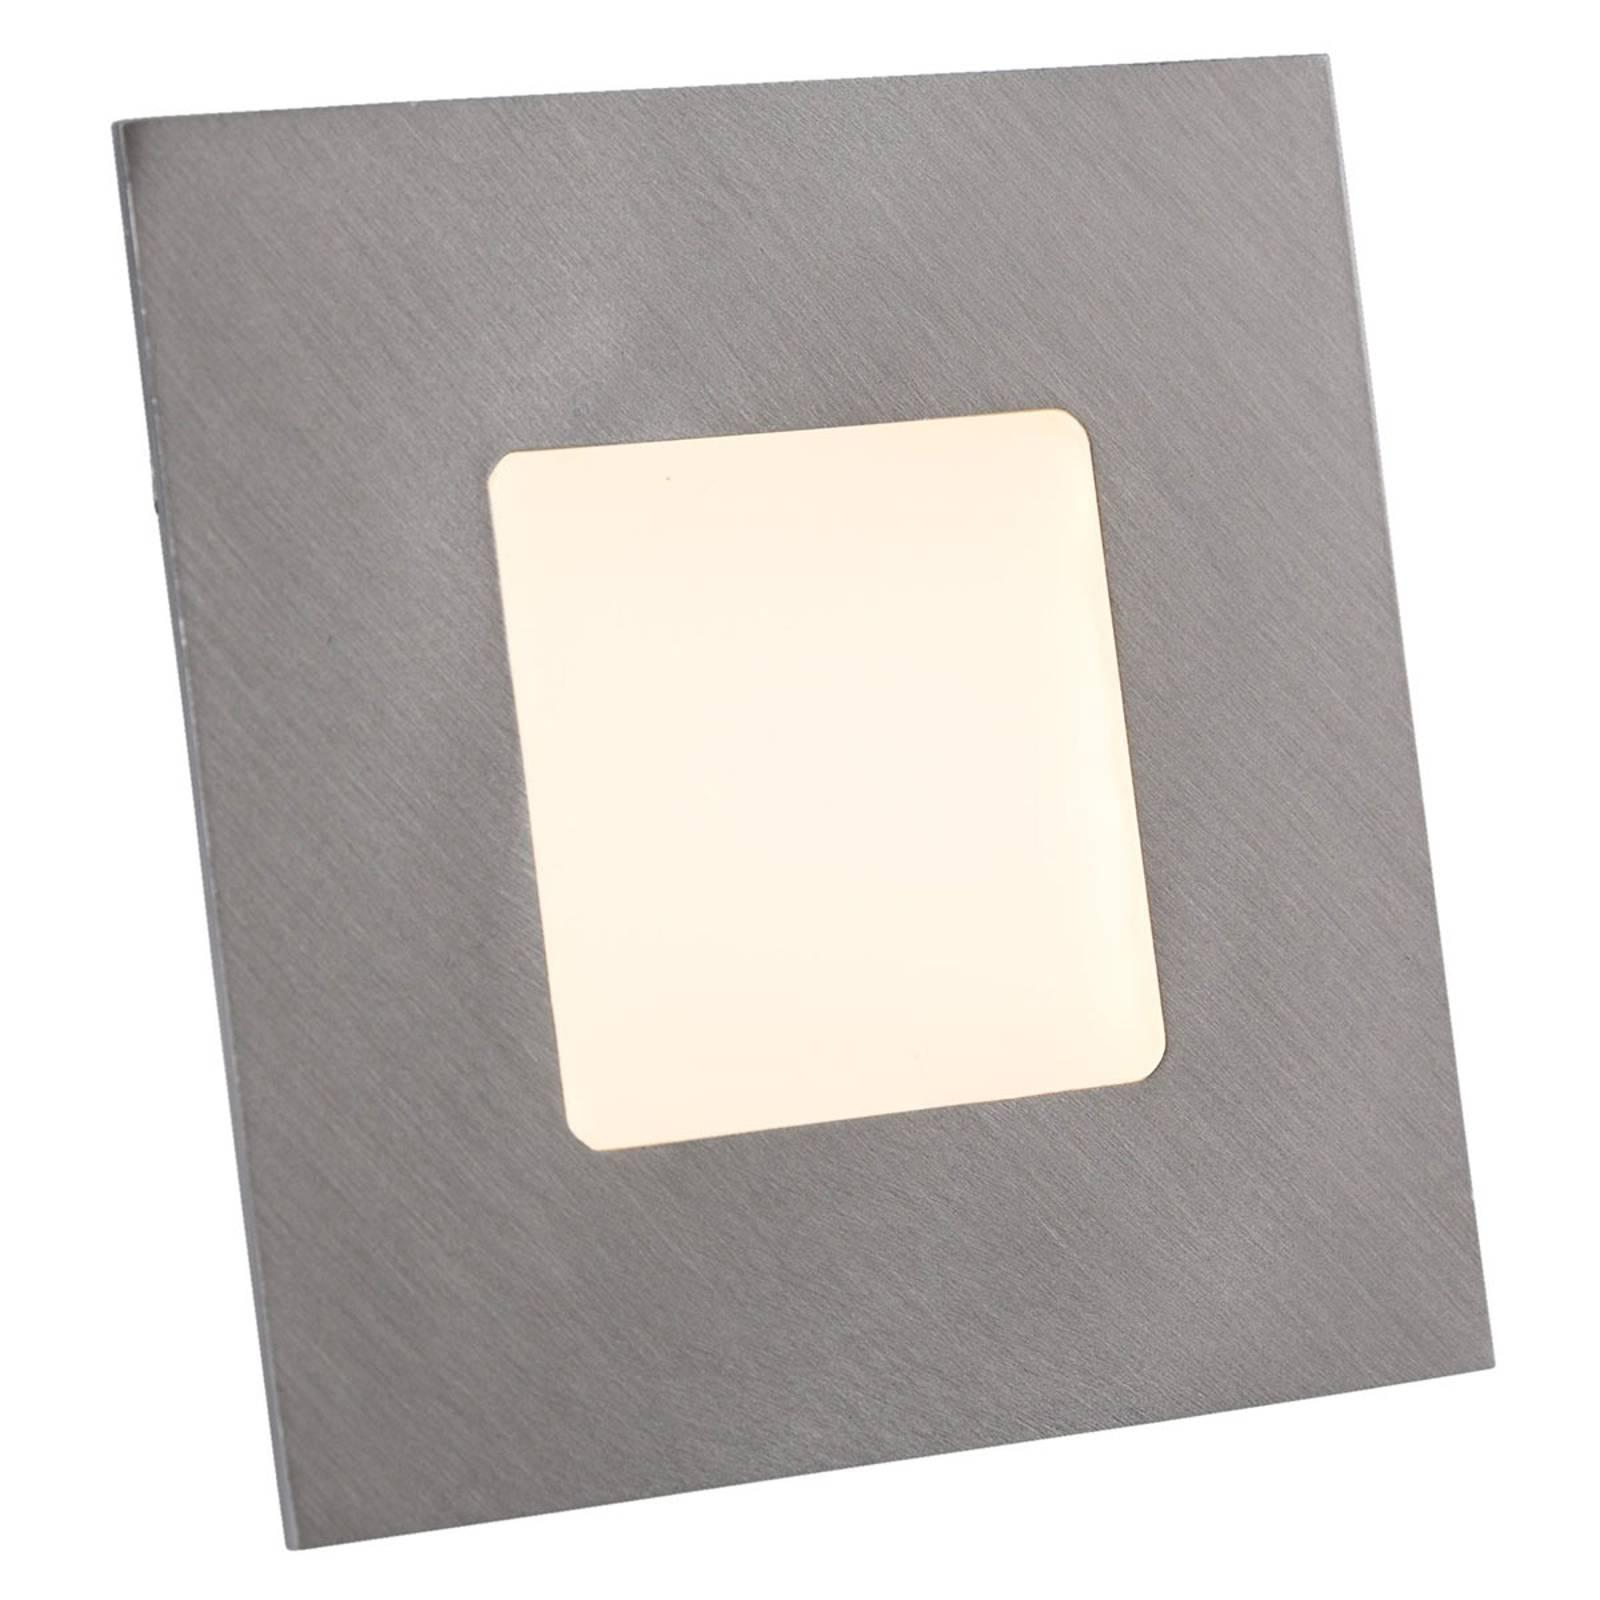 Lampada da incasso a LED per scatole in argento